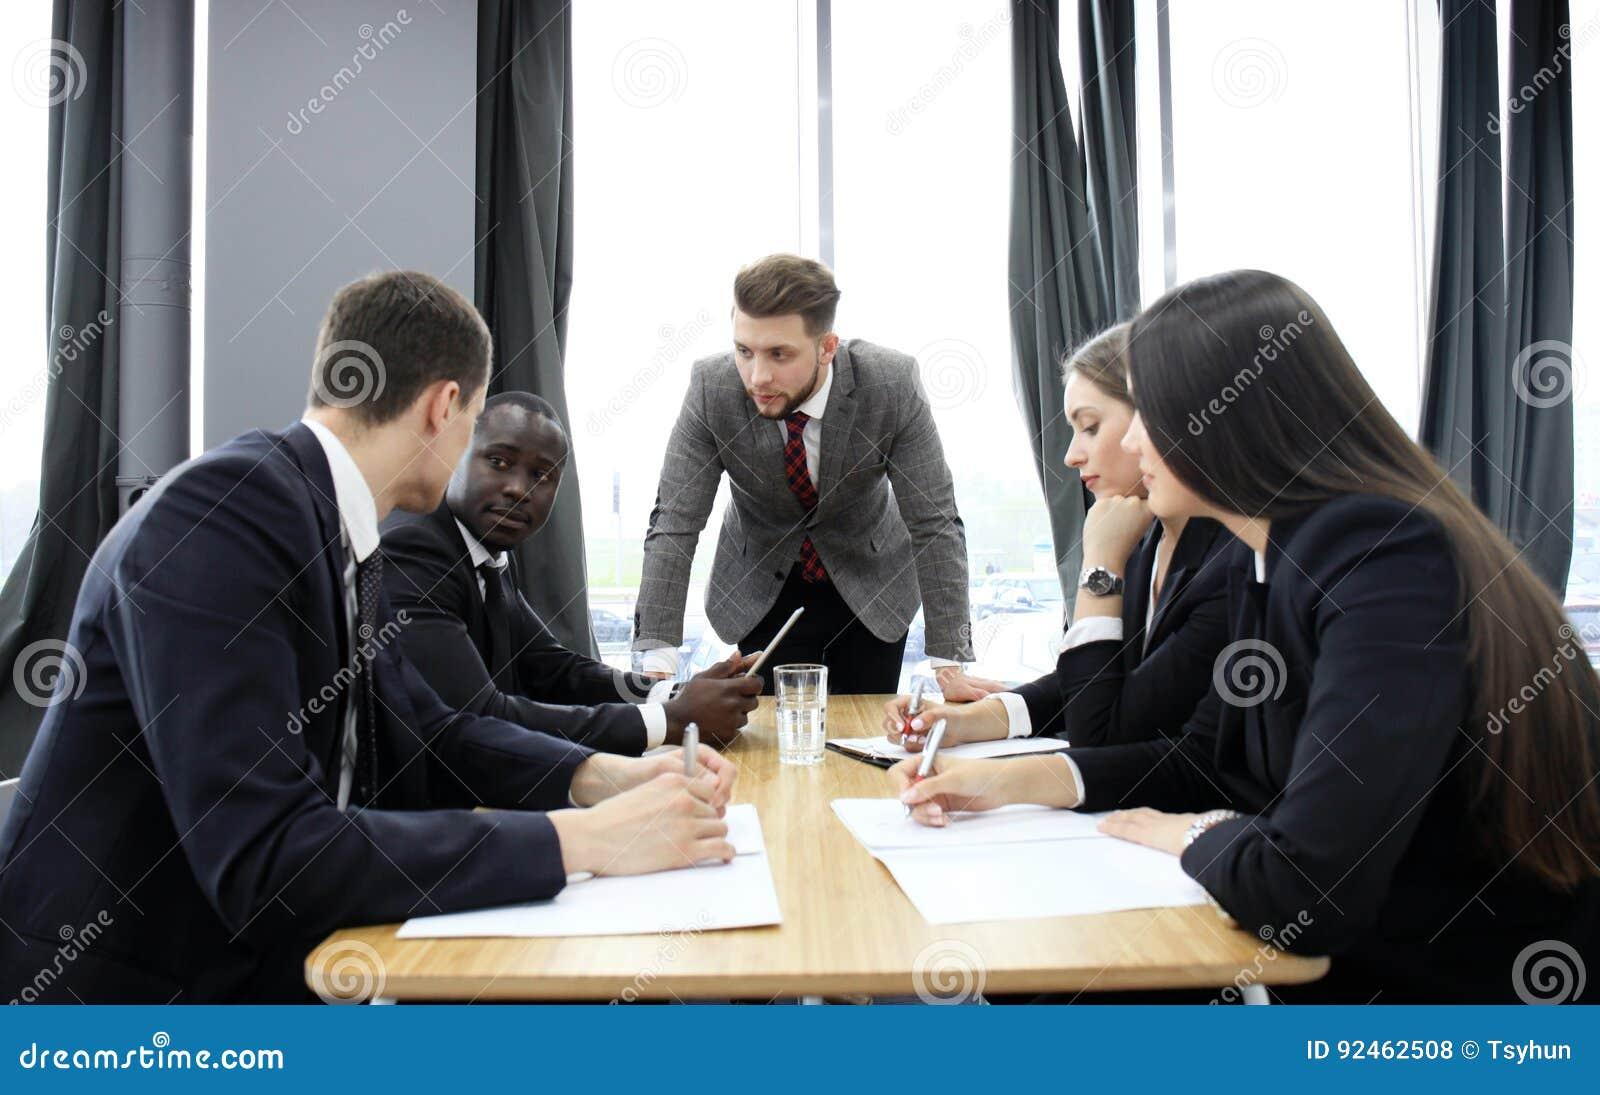 经理叫喊对他的雇员在会议上 公司是在后退